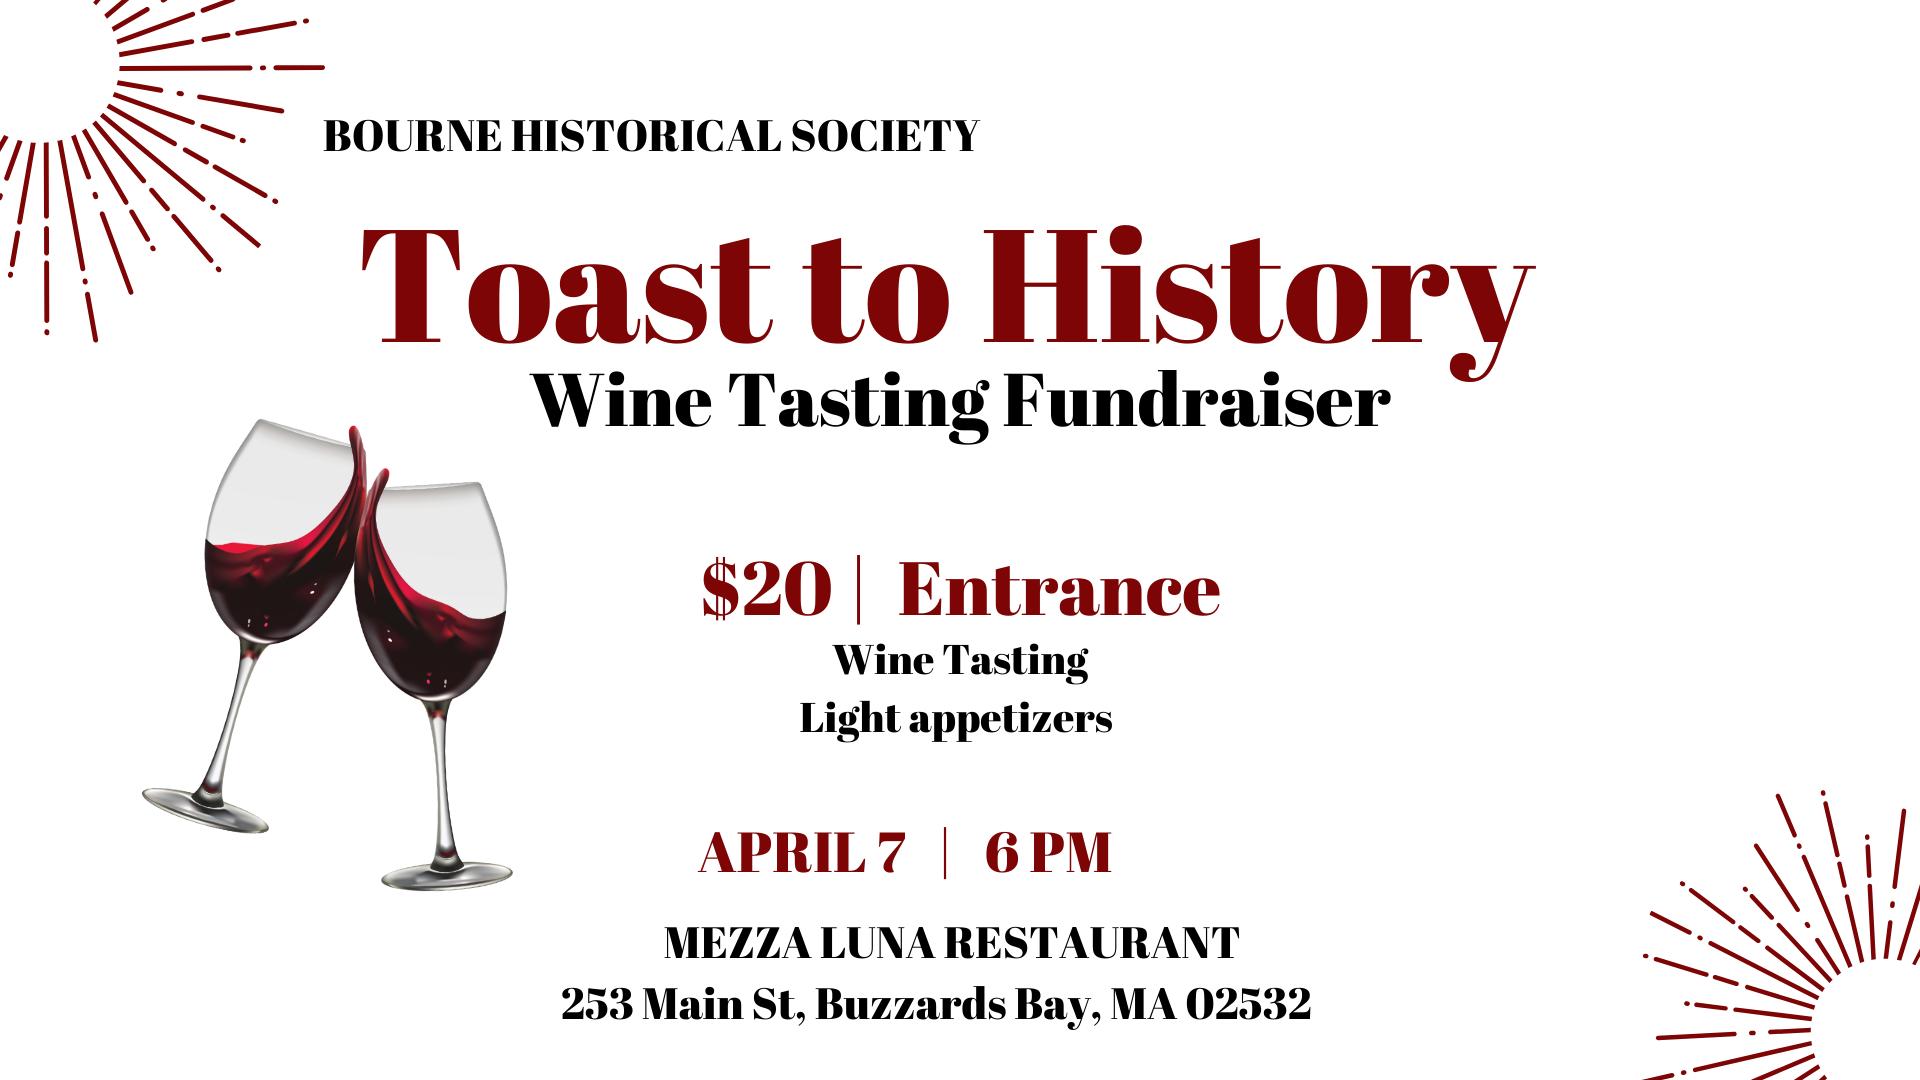 Toast to History Wine Tasting